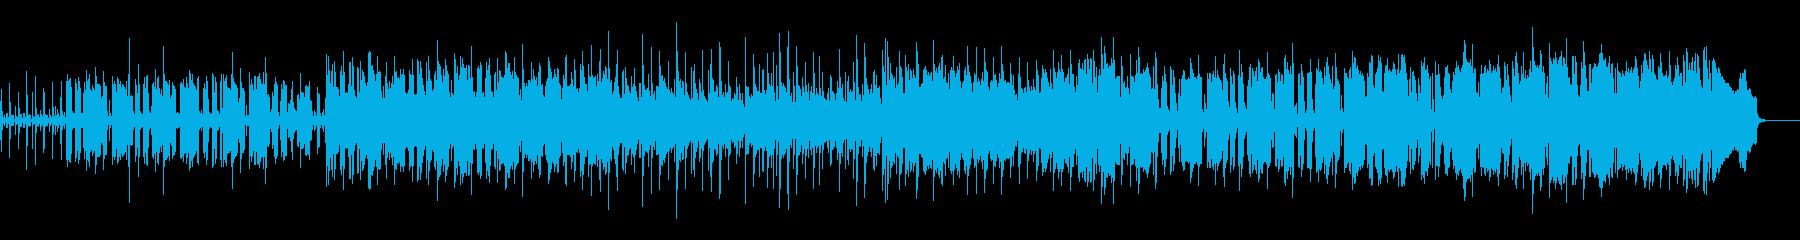 カントリー/ケルト風日常可愛い曲の再生済みの波形